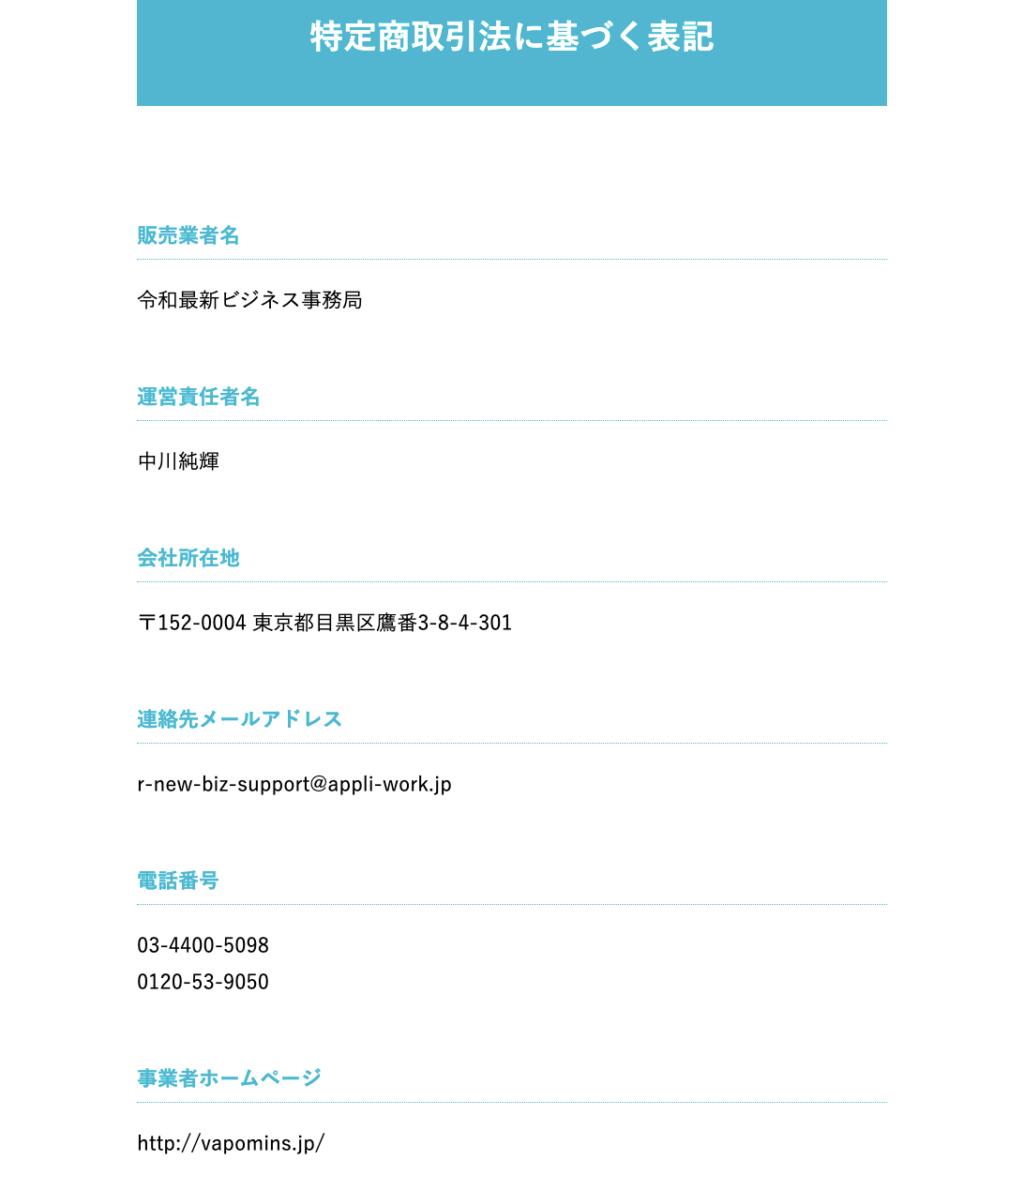 令和最新ビジネス2021 アプリワーク 特定商取引に基づく表記